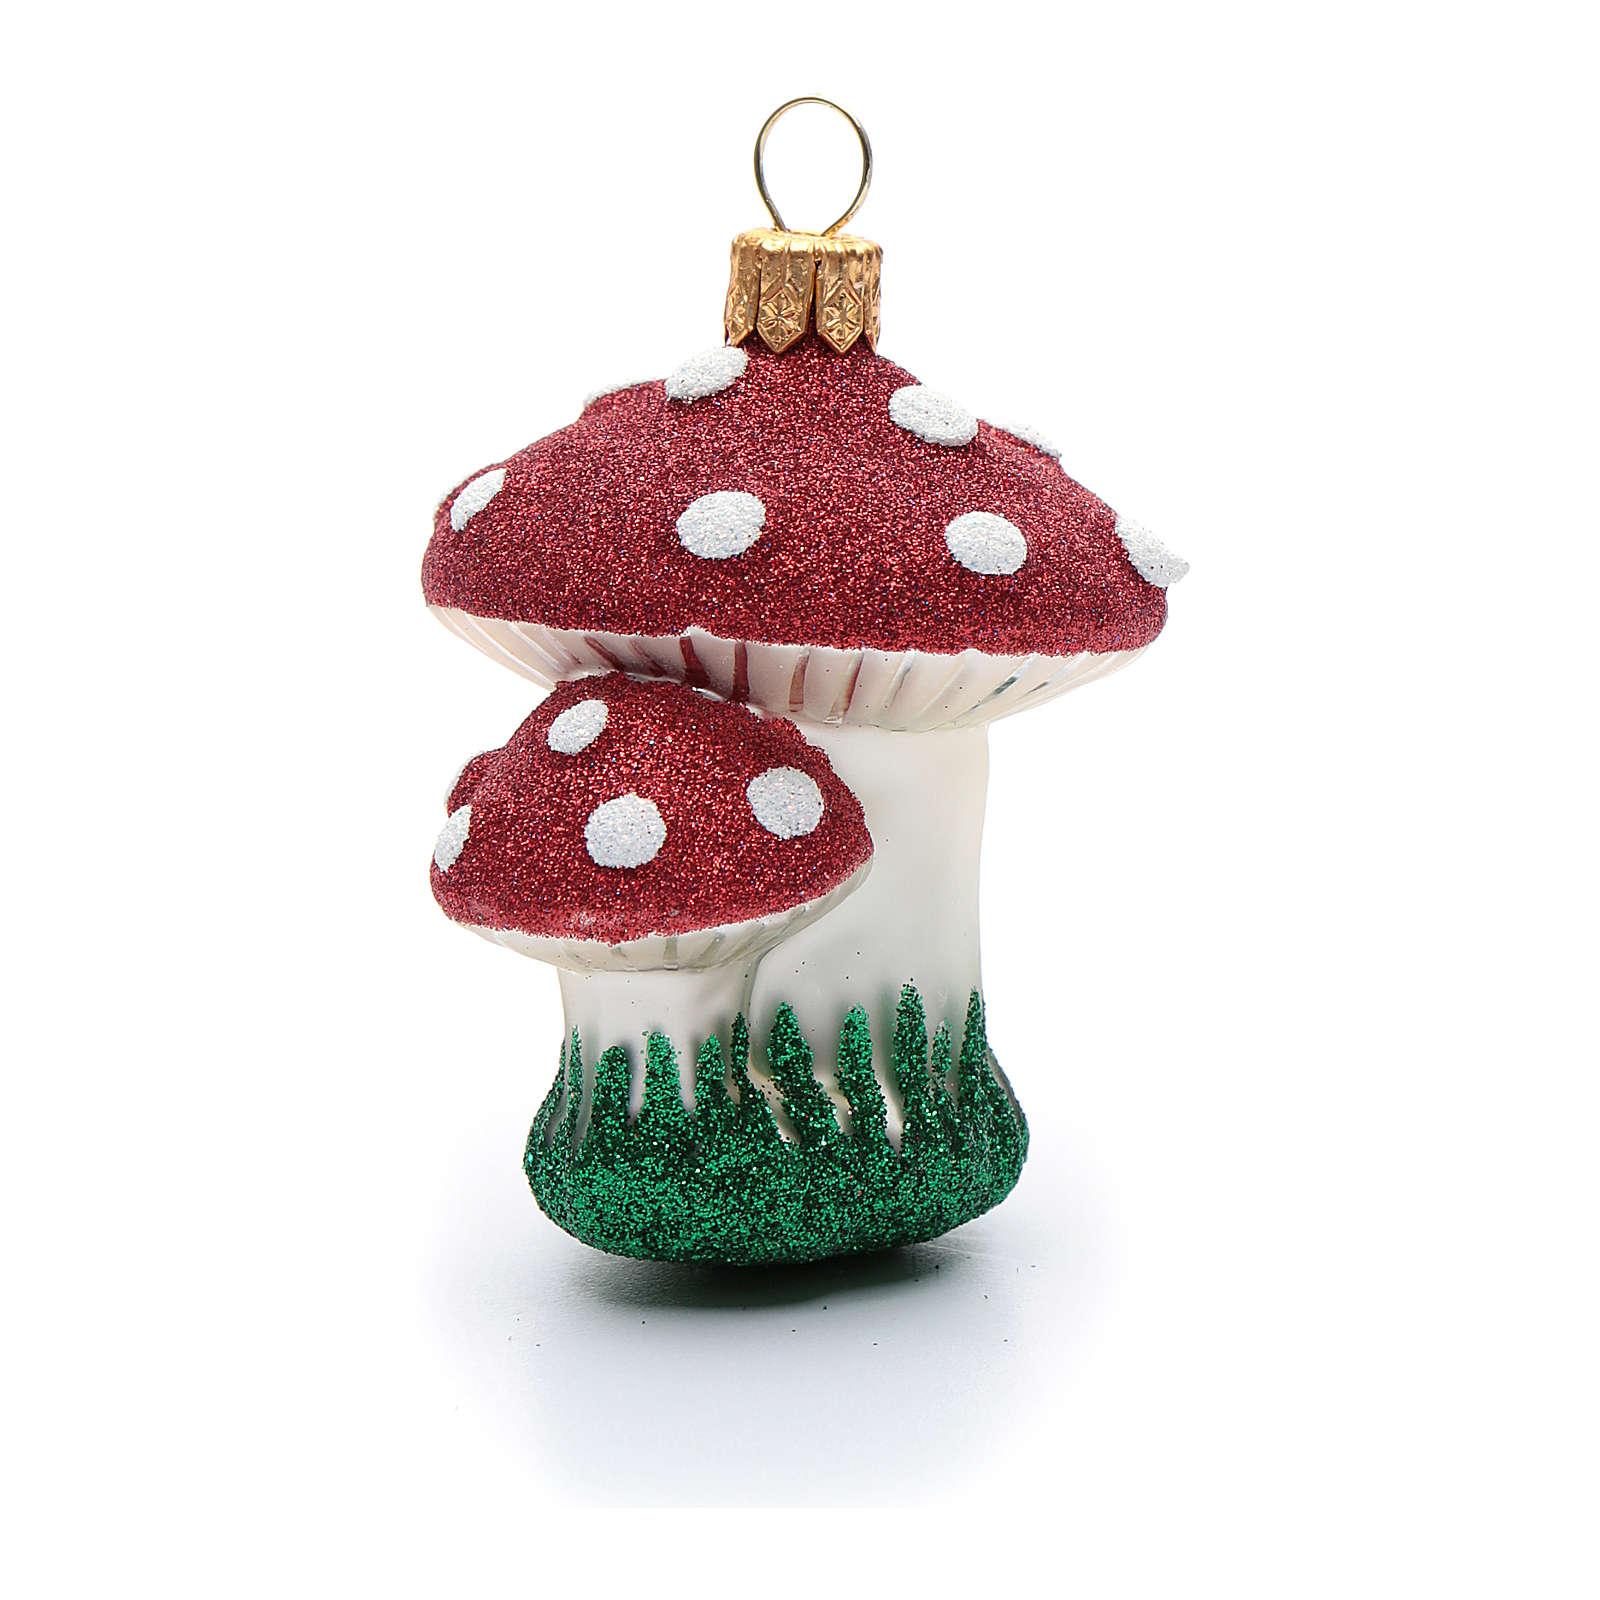 Hongos adorno vidrio soplado Árbol de Navidad | venta online en HOLYART